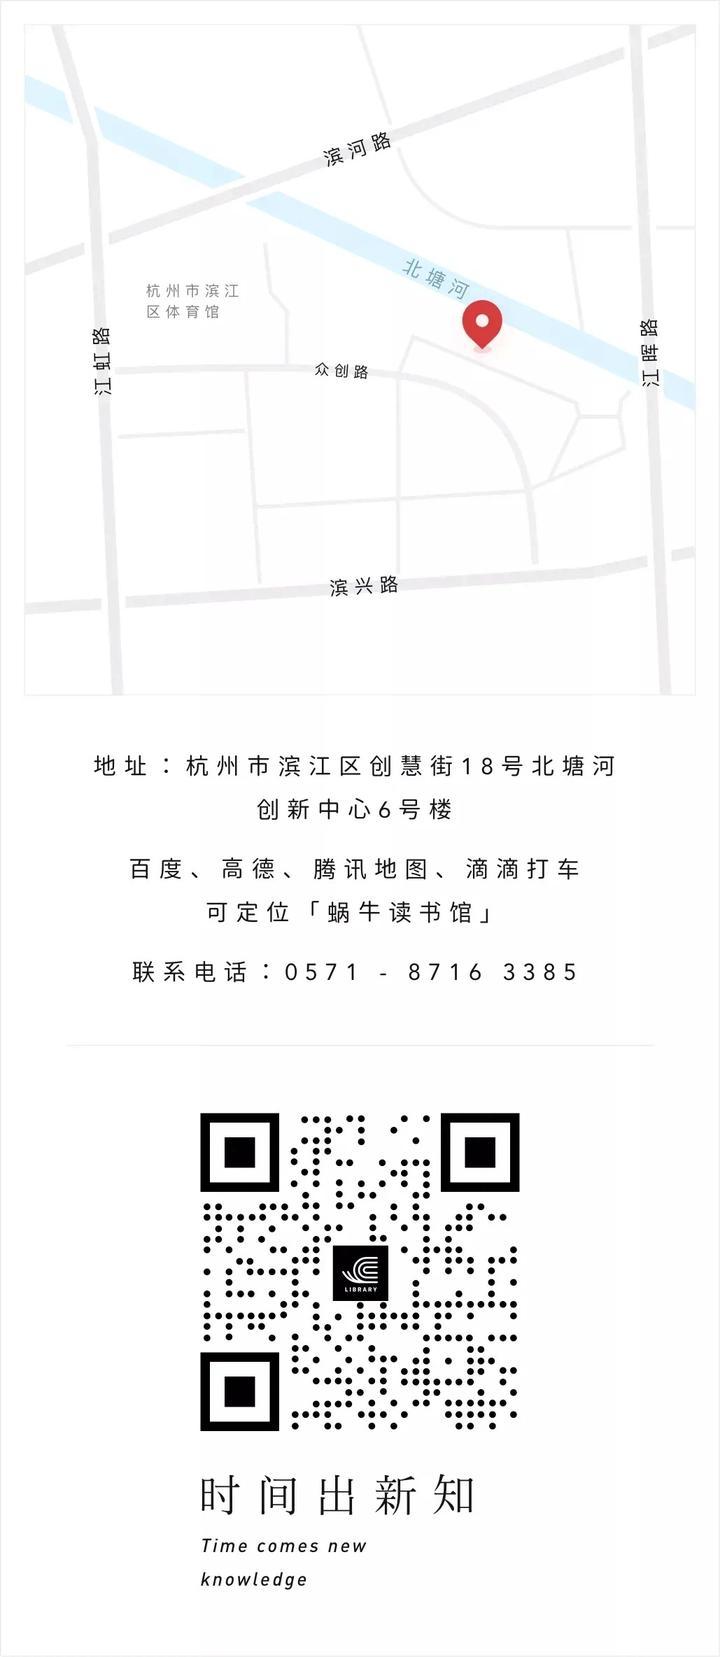 微信图片_20200420161008.jpg